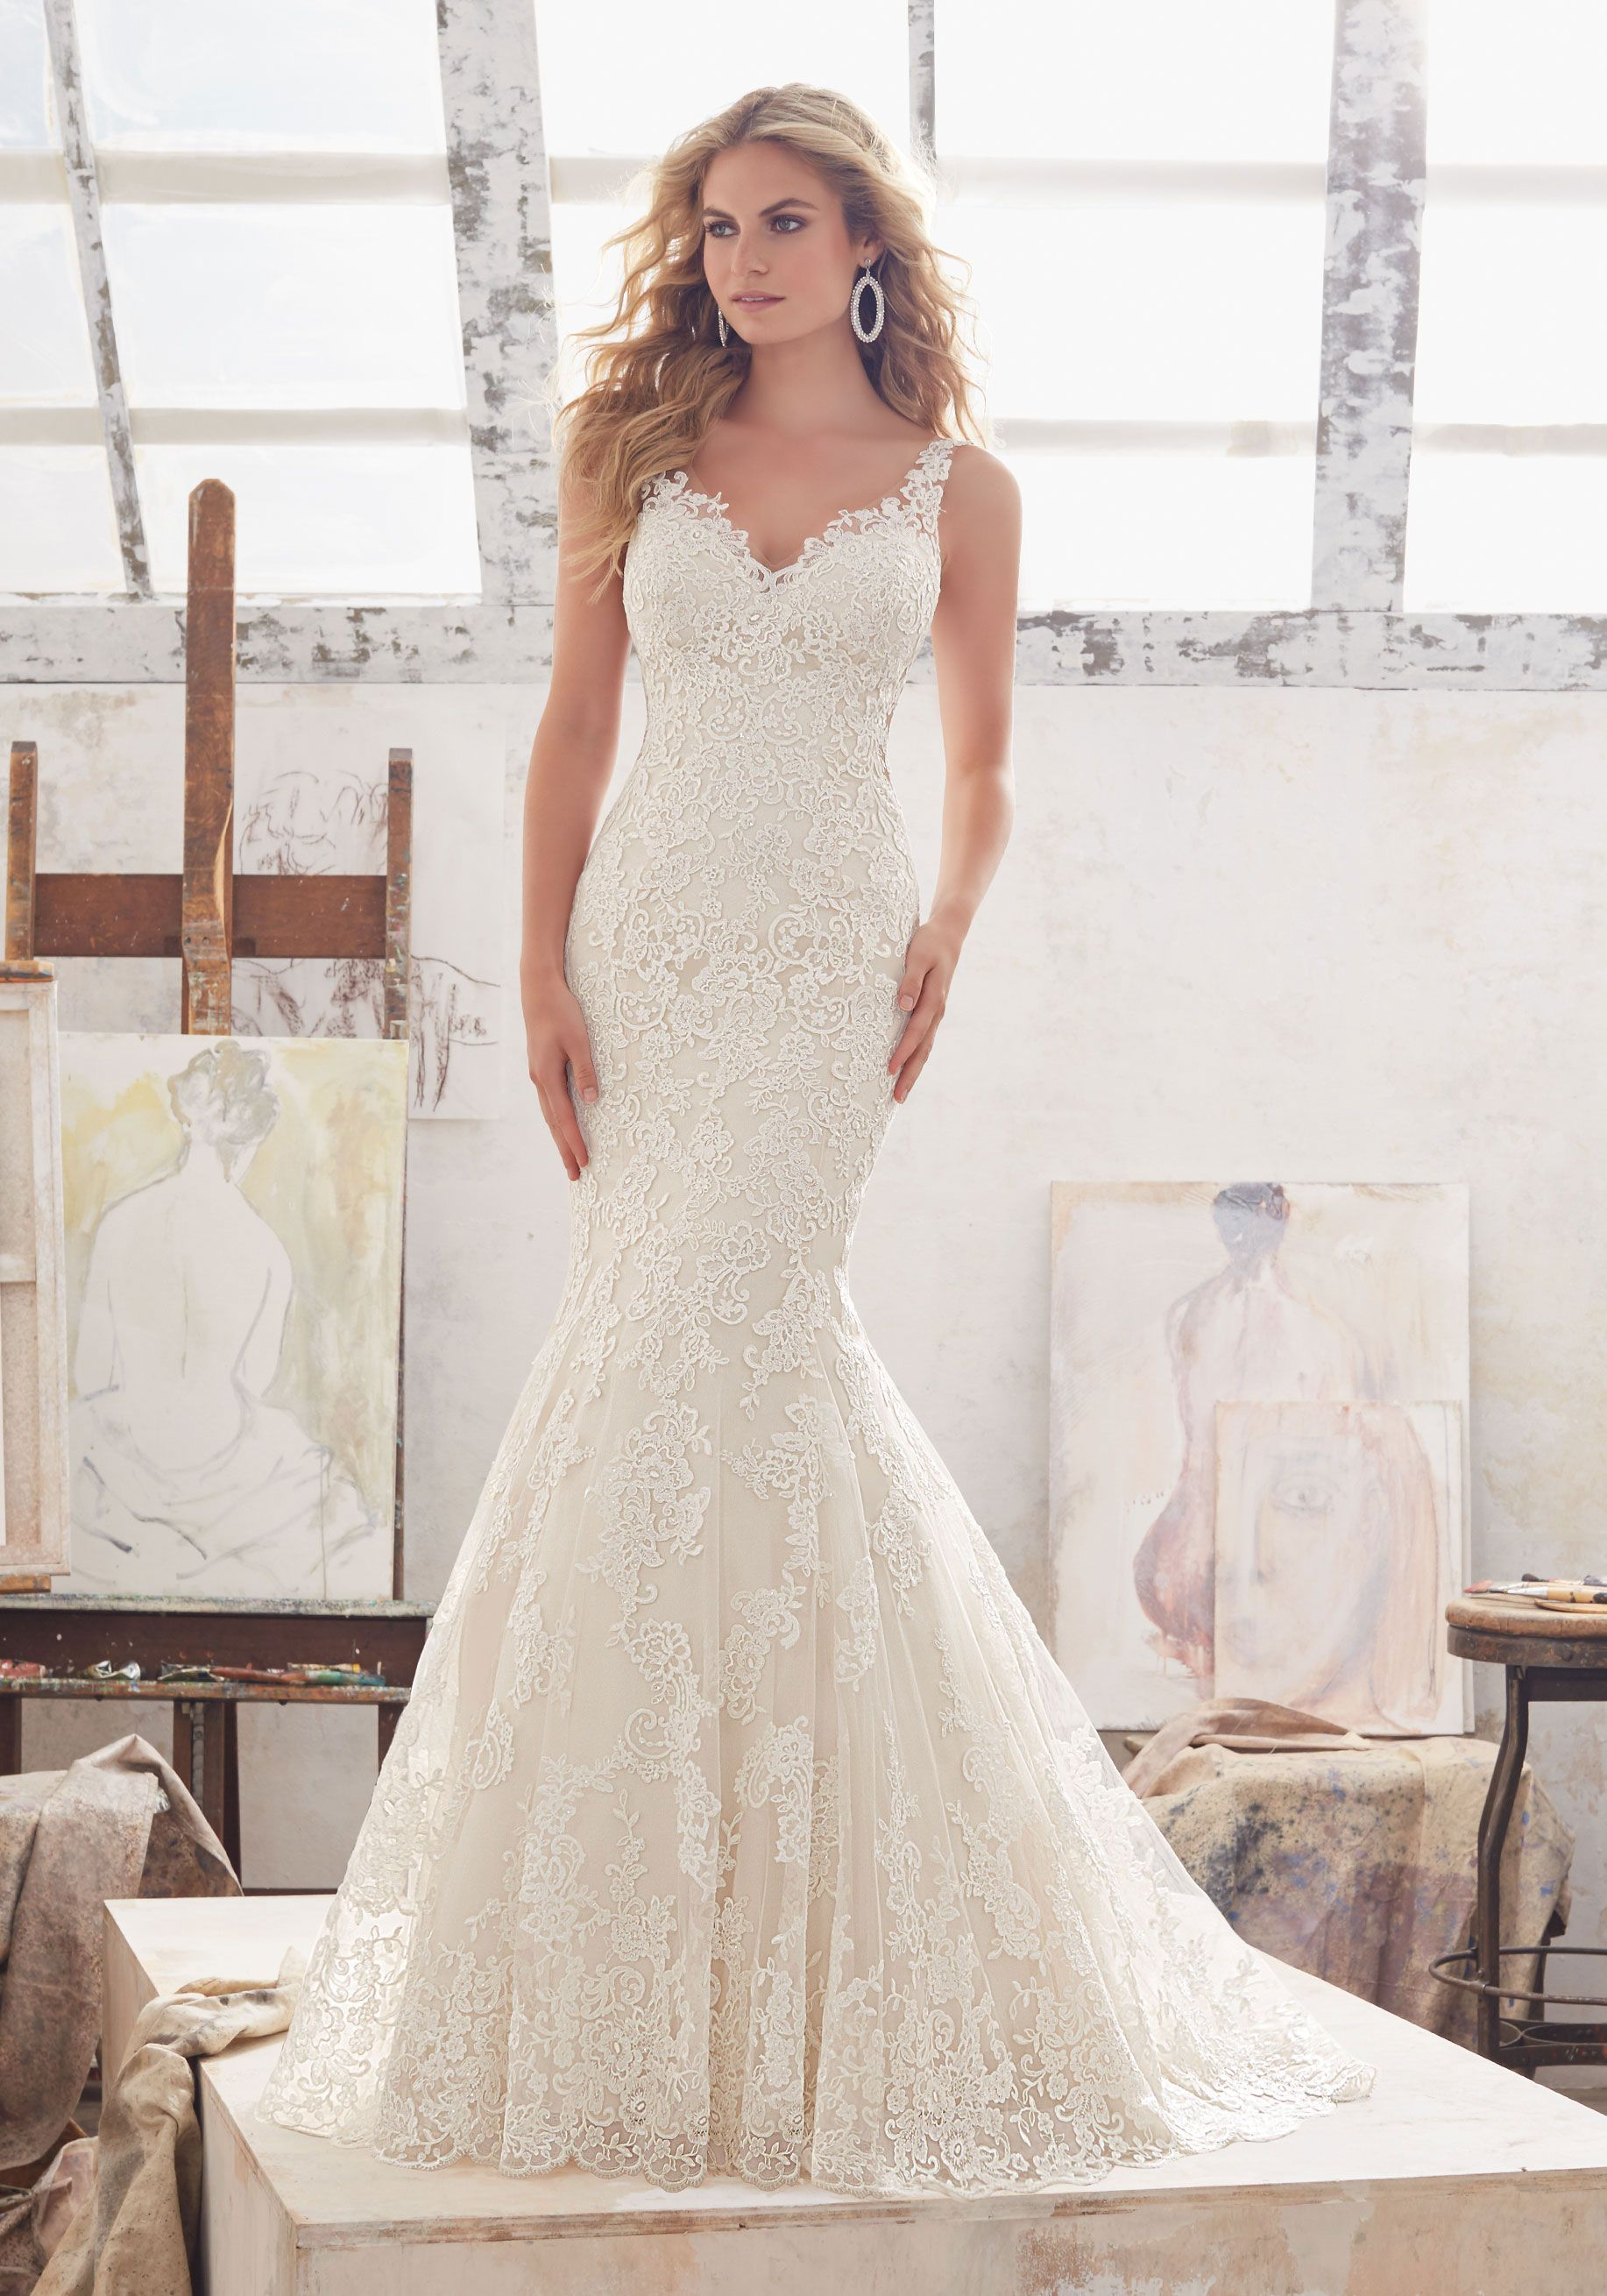 Mori lee madeline gardner wedding dress  Morilee by Madeline Gardner uMarcellineu   Fit u Flare Wedding